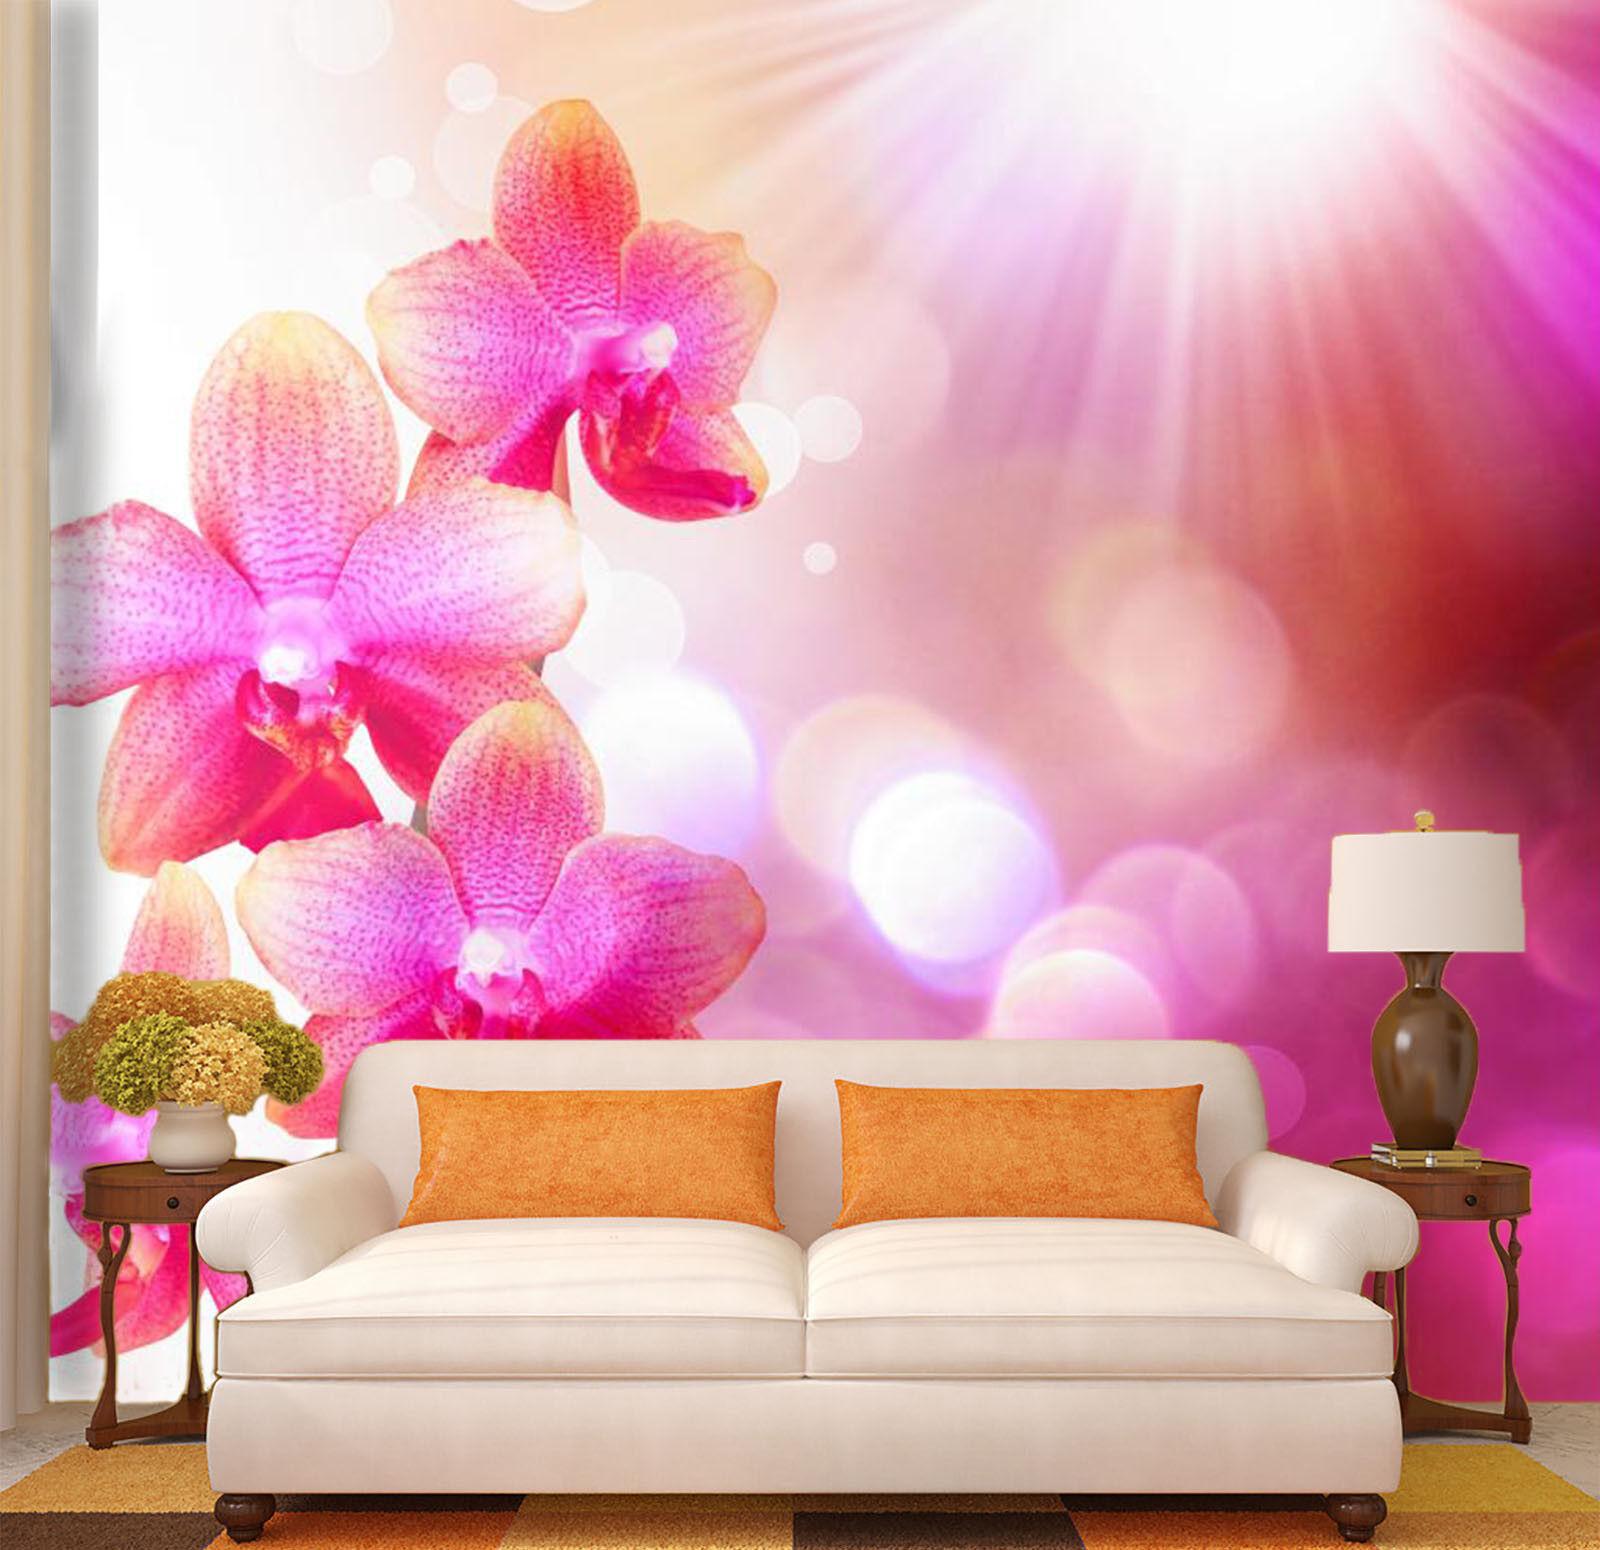 3D Sunshine Flowers 74 Wall Paper Murals Wall Print Wall Wallpaper Mural AU Kyra